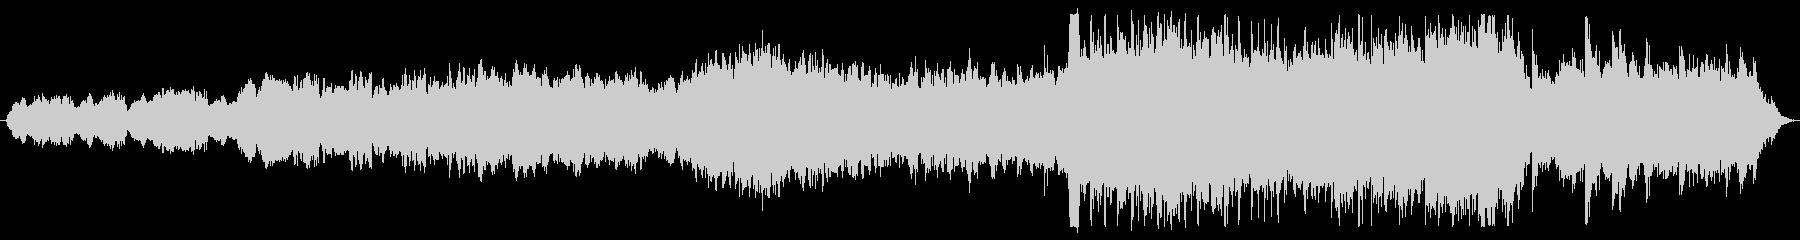 ストリングスの映画音楽の未再生の波形